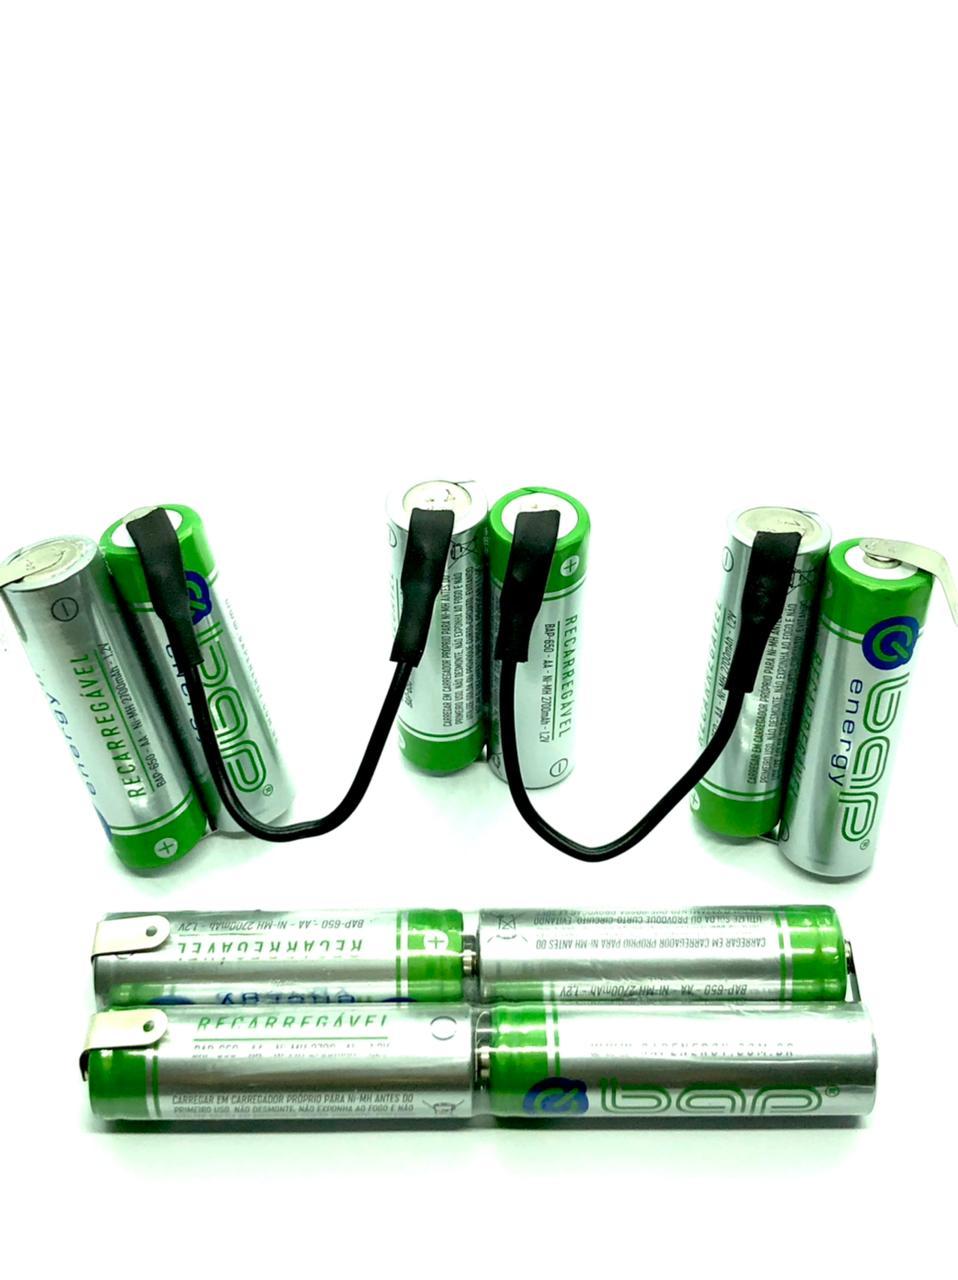 Bateria Para Aspirador Electrolux Ergo1 Ergo2 Ergo3 Ergo4